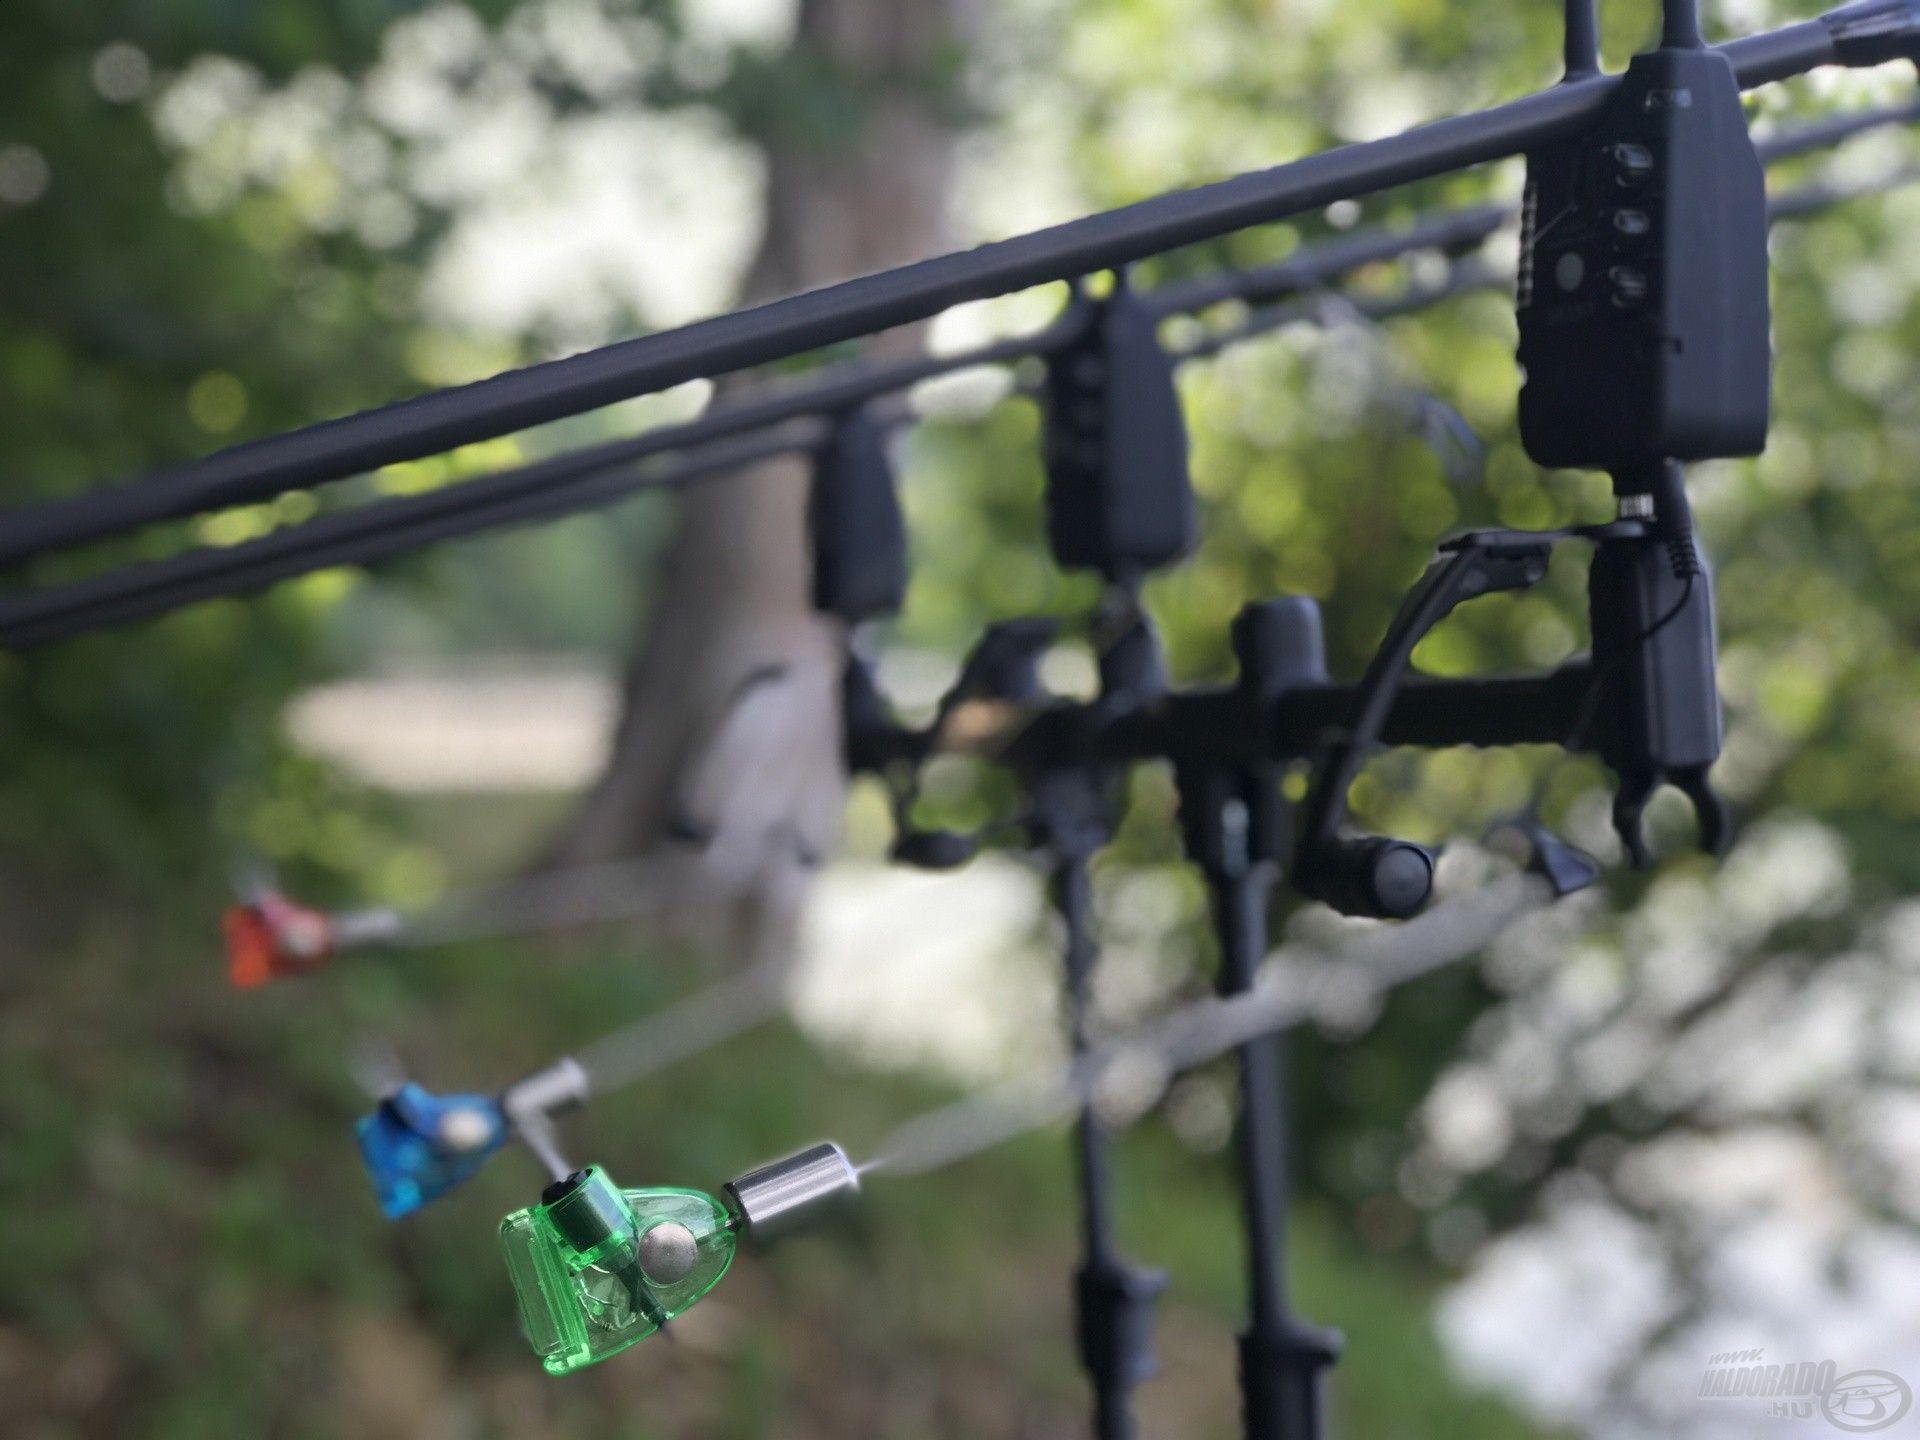 A távoli behúzós horgászatok alkalmával jobban kedvelem a nehezebb, karos swingereket